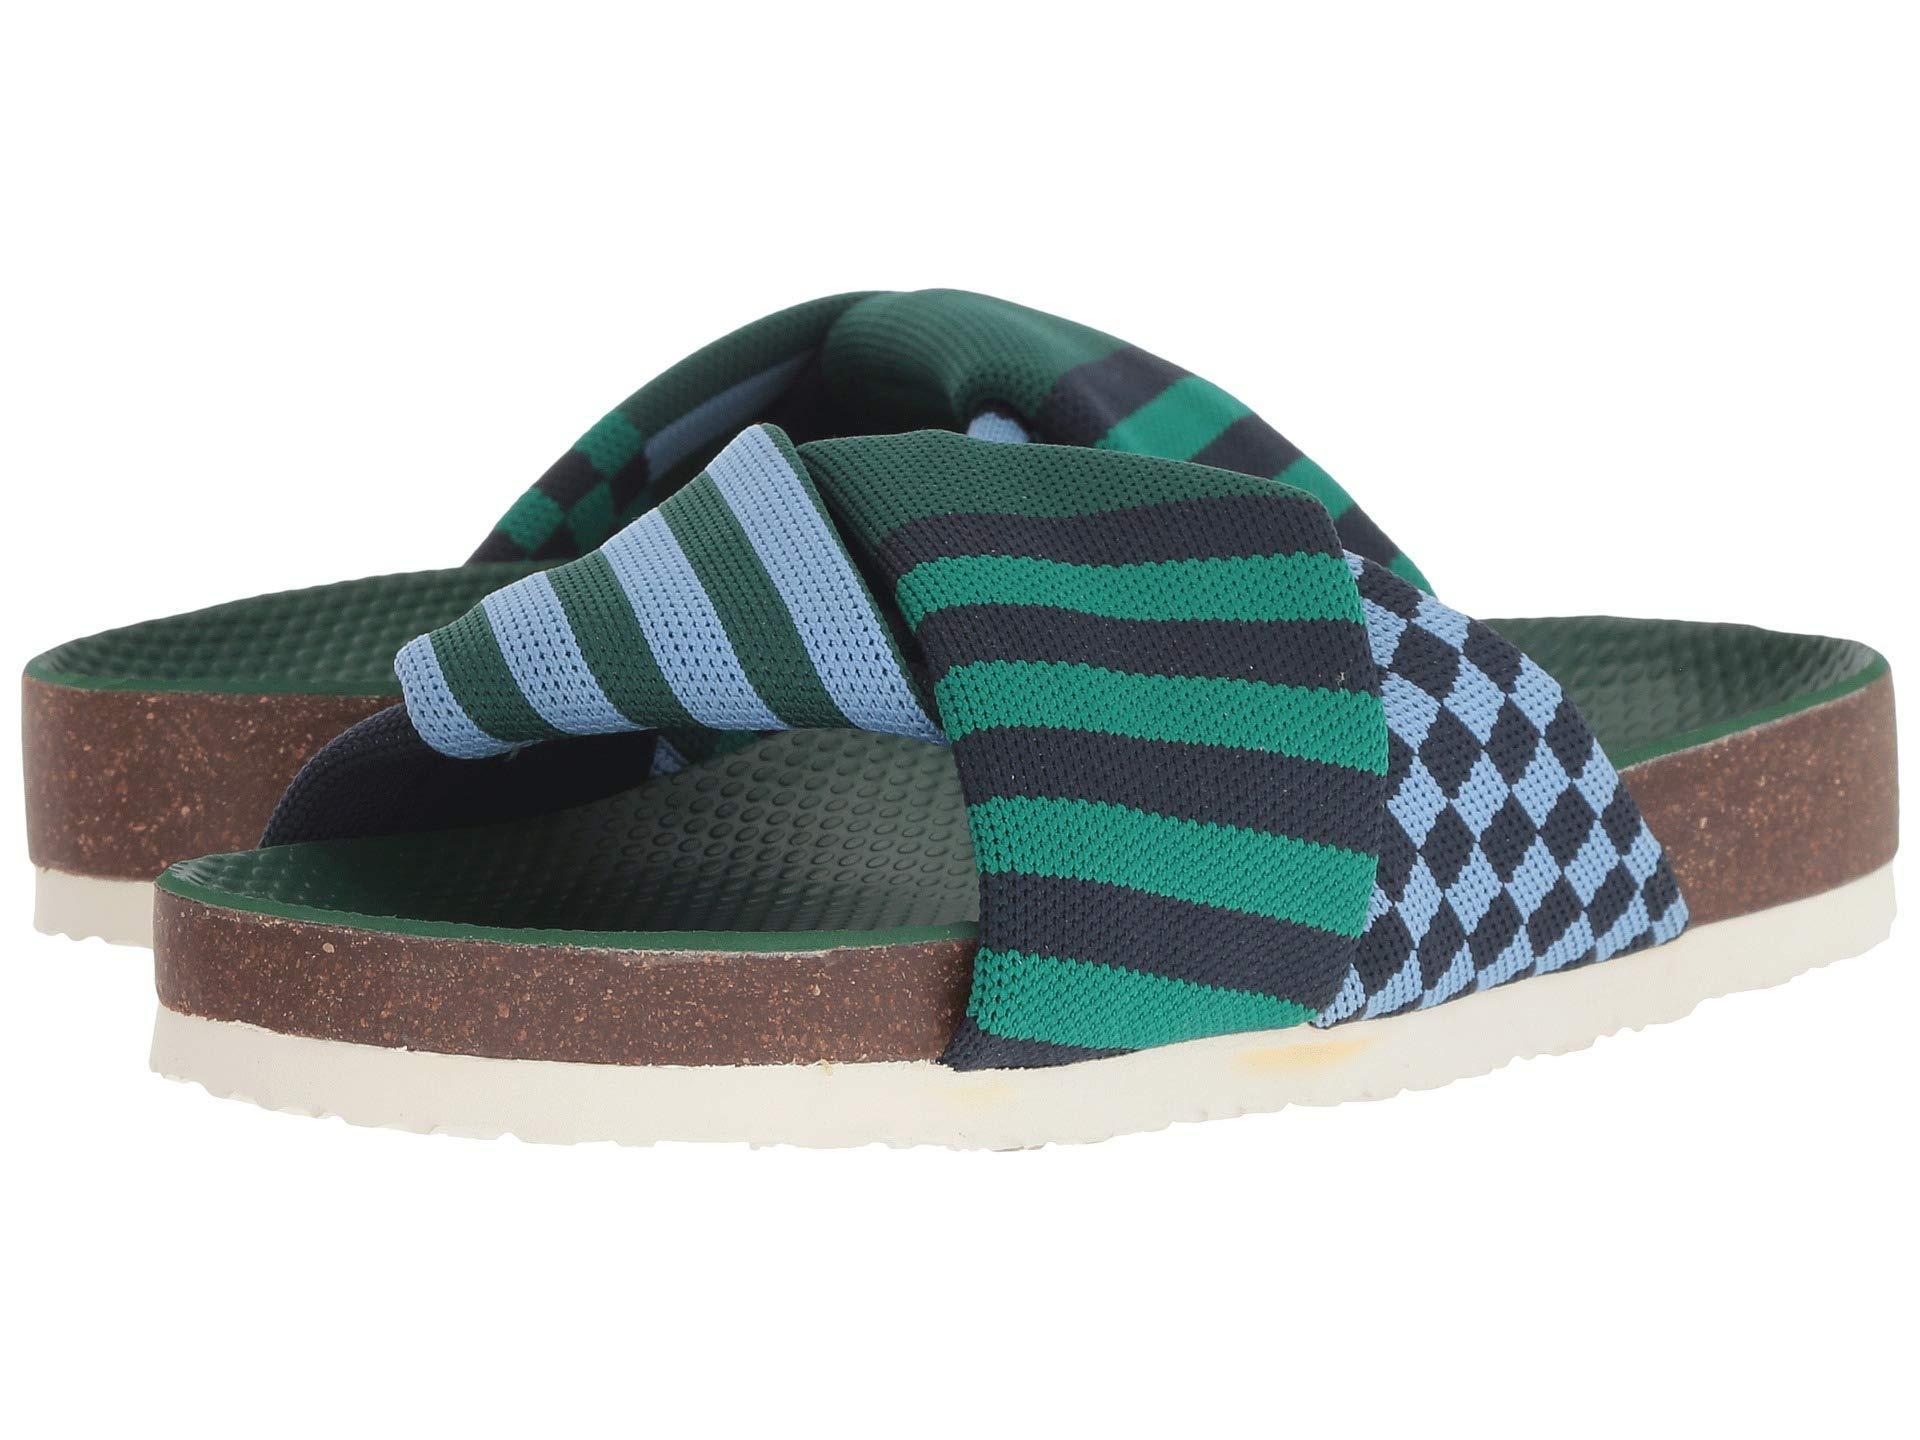 84ee01a0dc21 Lyst - Tory Sport Tech Knit Slide in Green